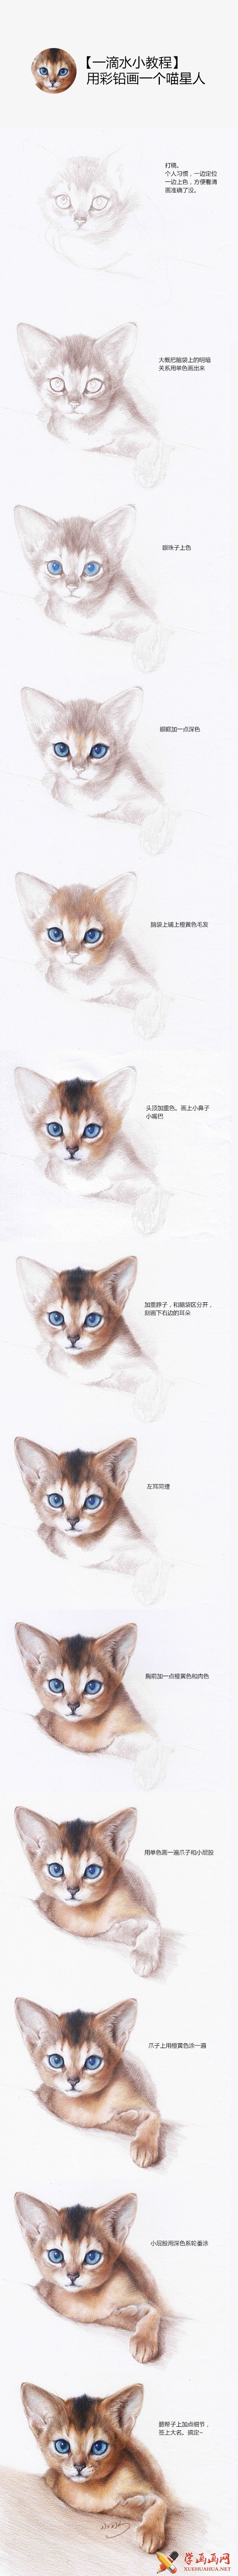 彩铅猫的画法(1)